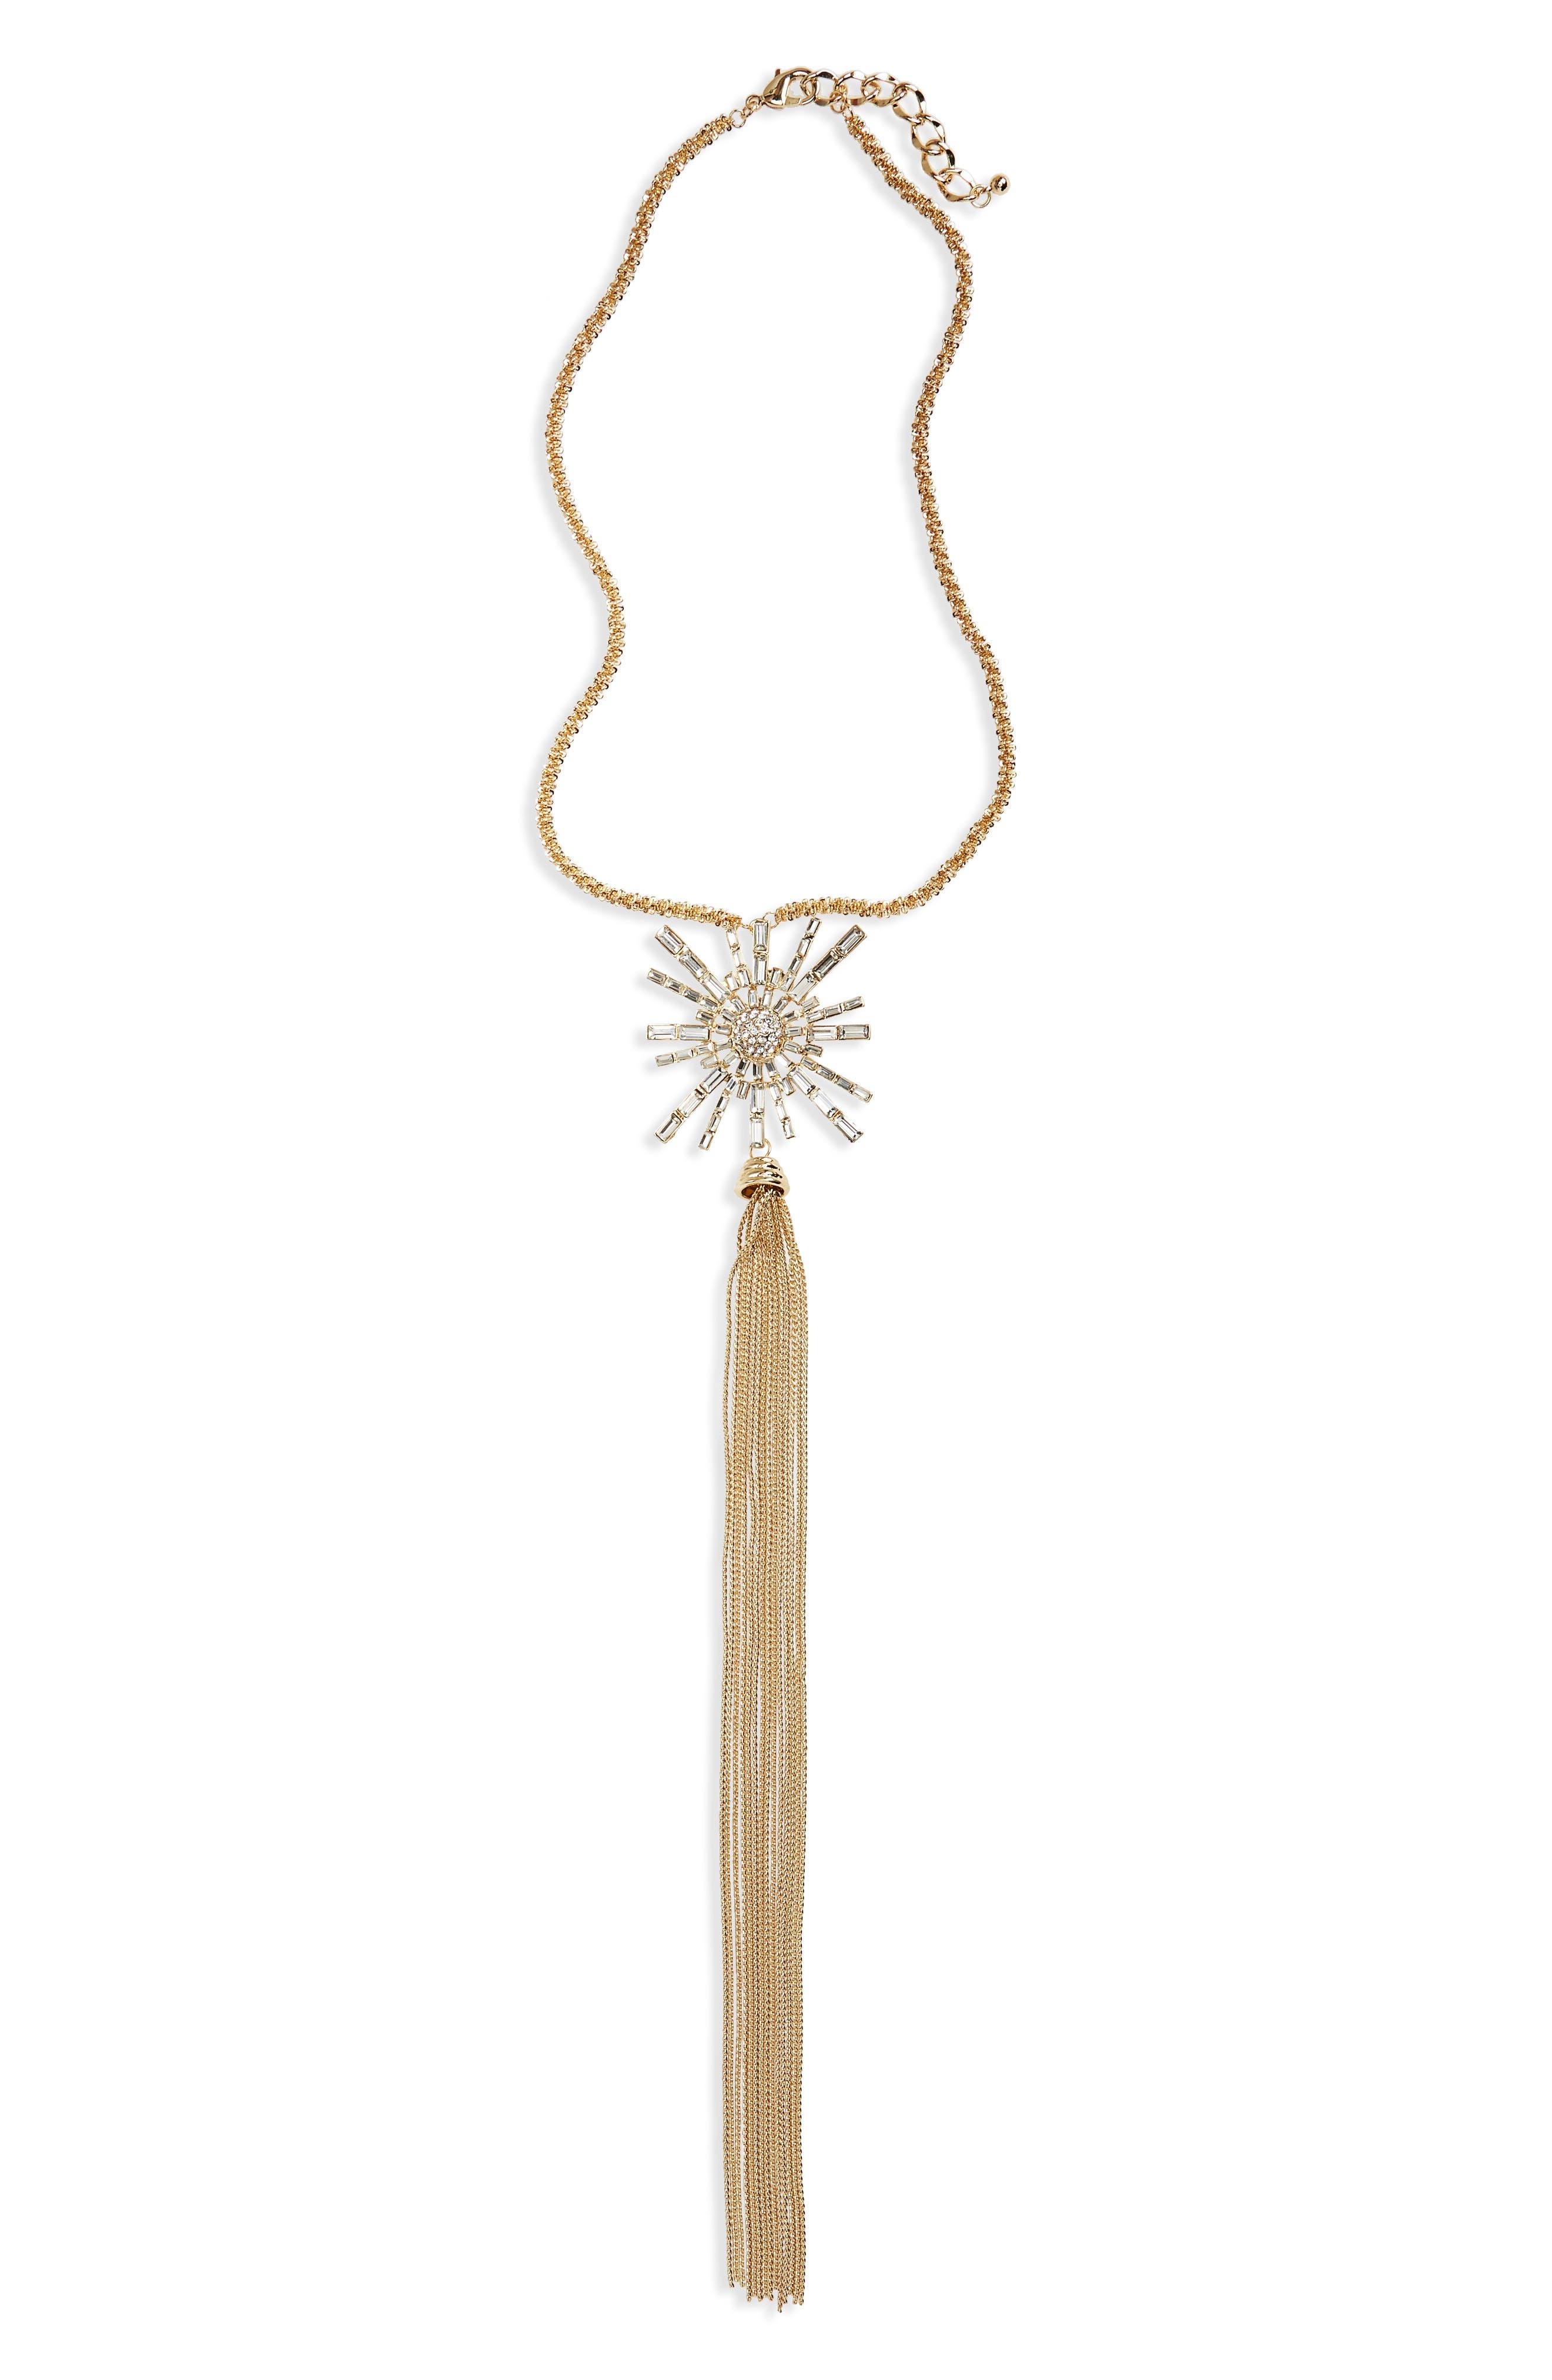 Main Image - Cara Long Starburst Pendant Necklace